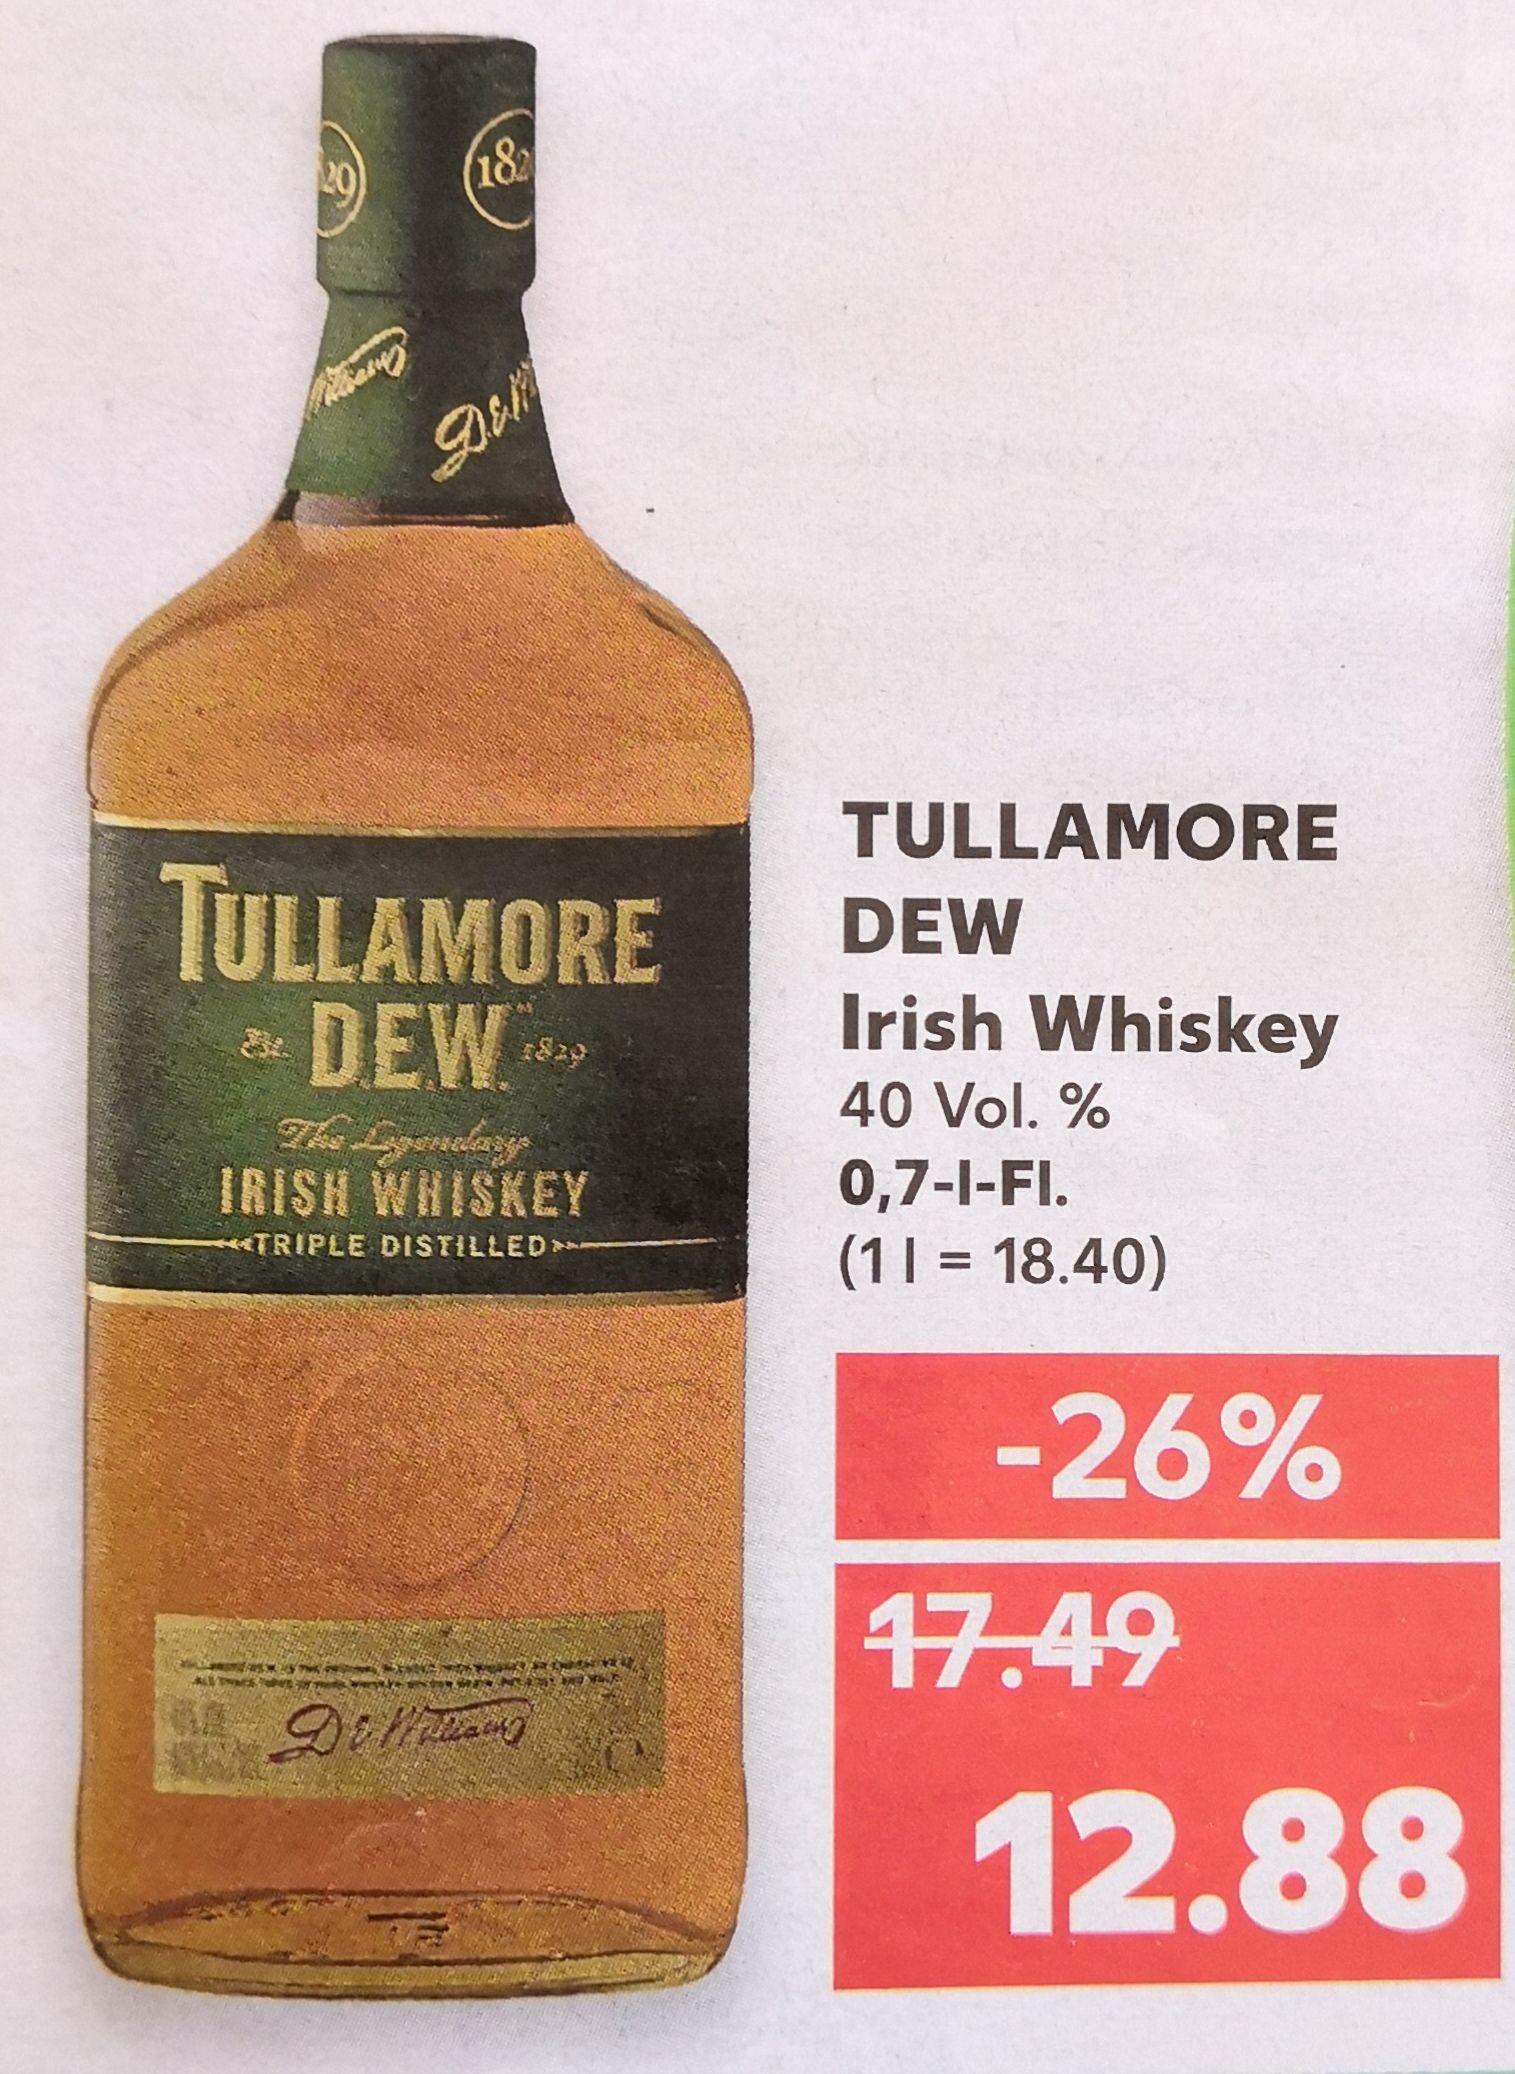 [Kaufland] Tullamore Dew Whisky - 0,7l Flasche für 12,88€